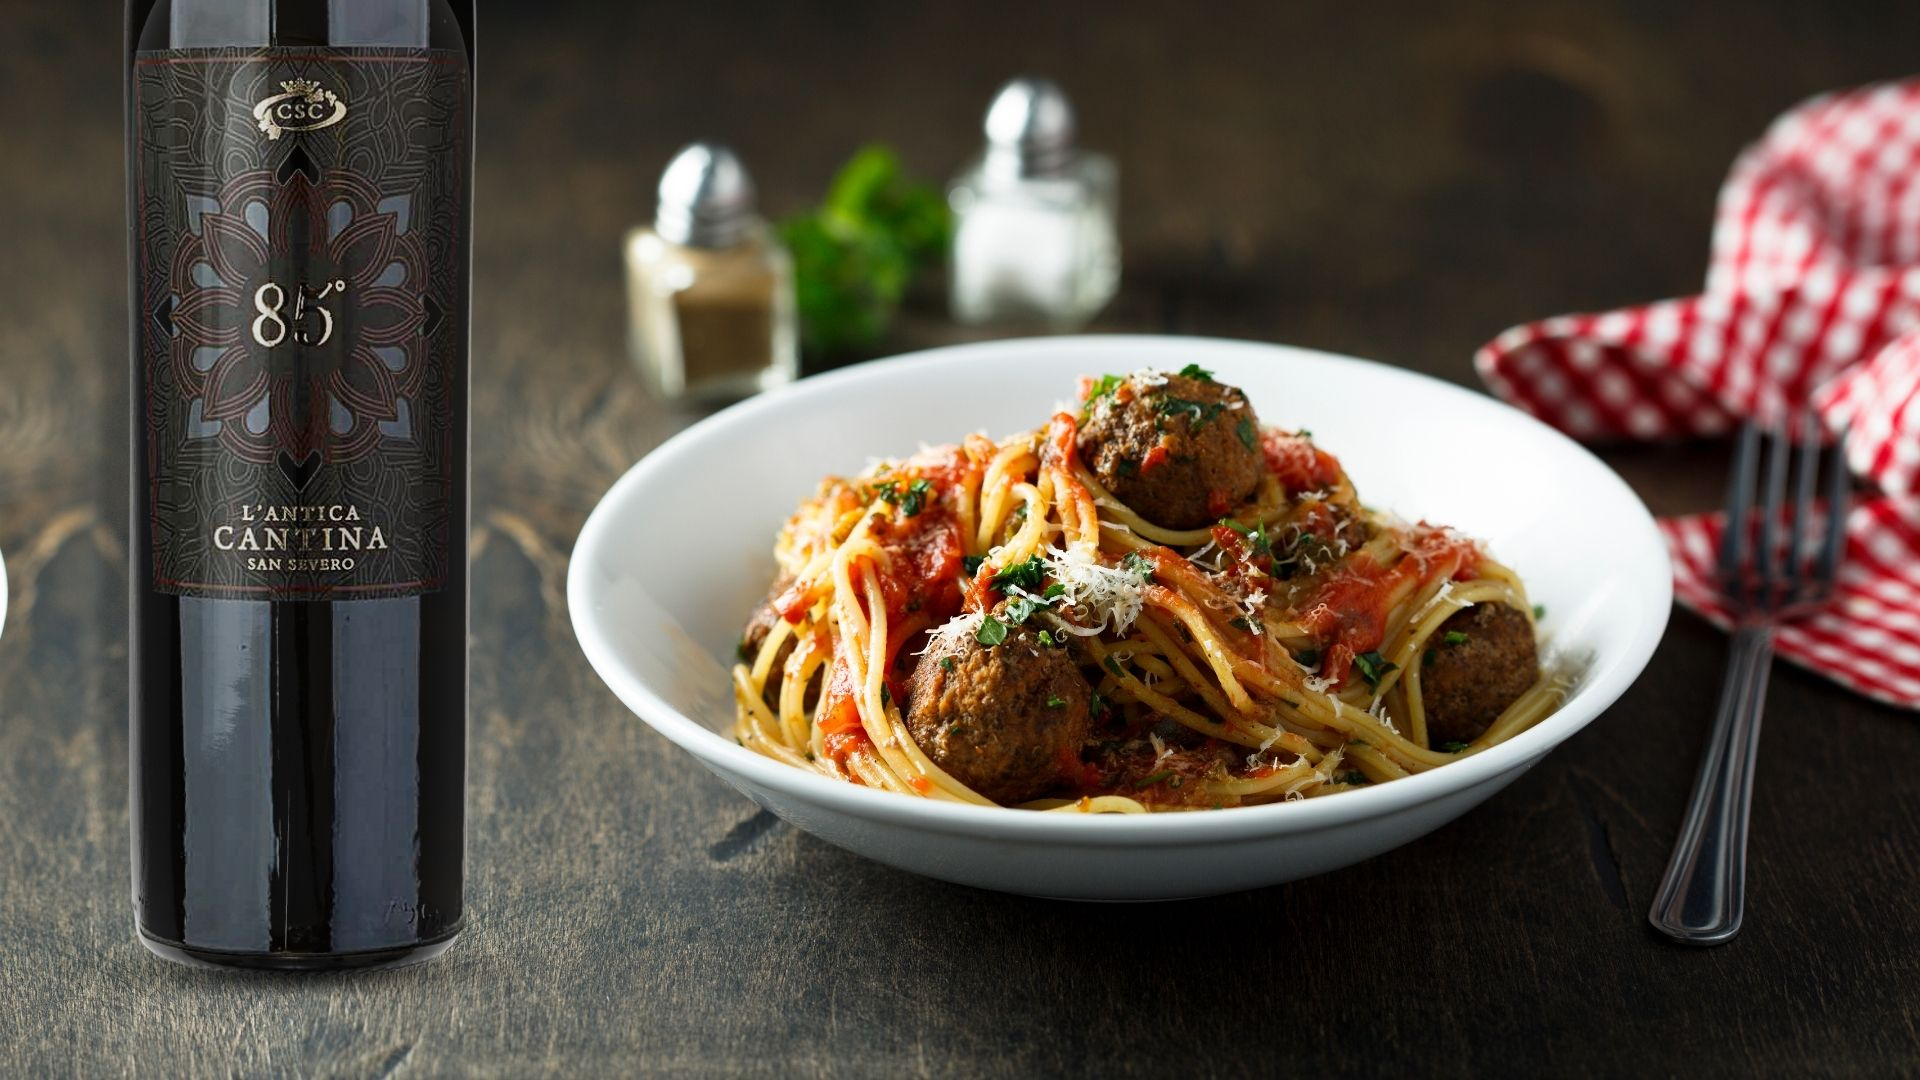 Spaghetti con polpette di carne servite con un ottimo vino rosso della nostra Cantina